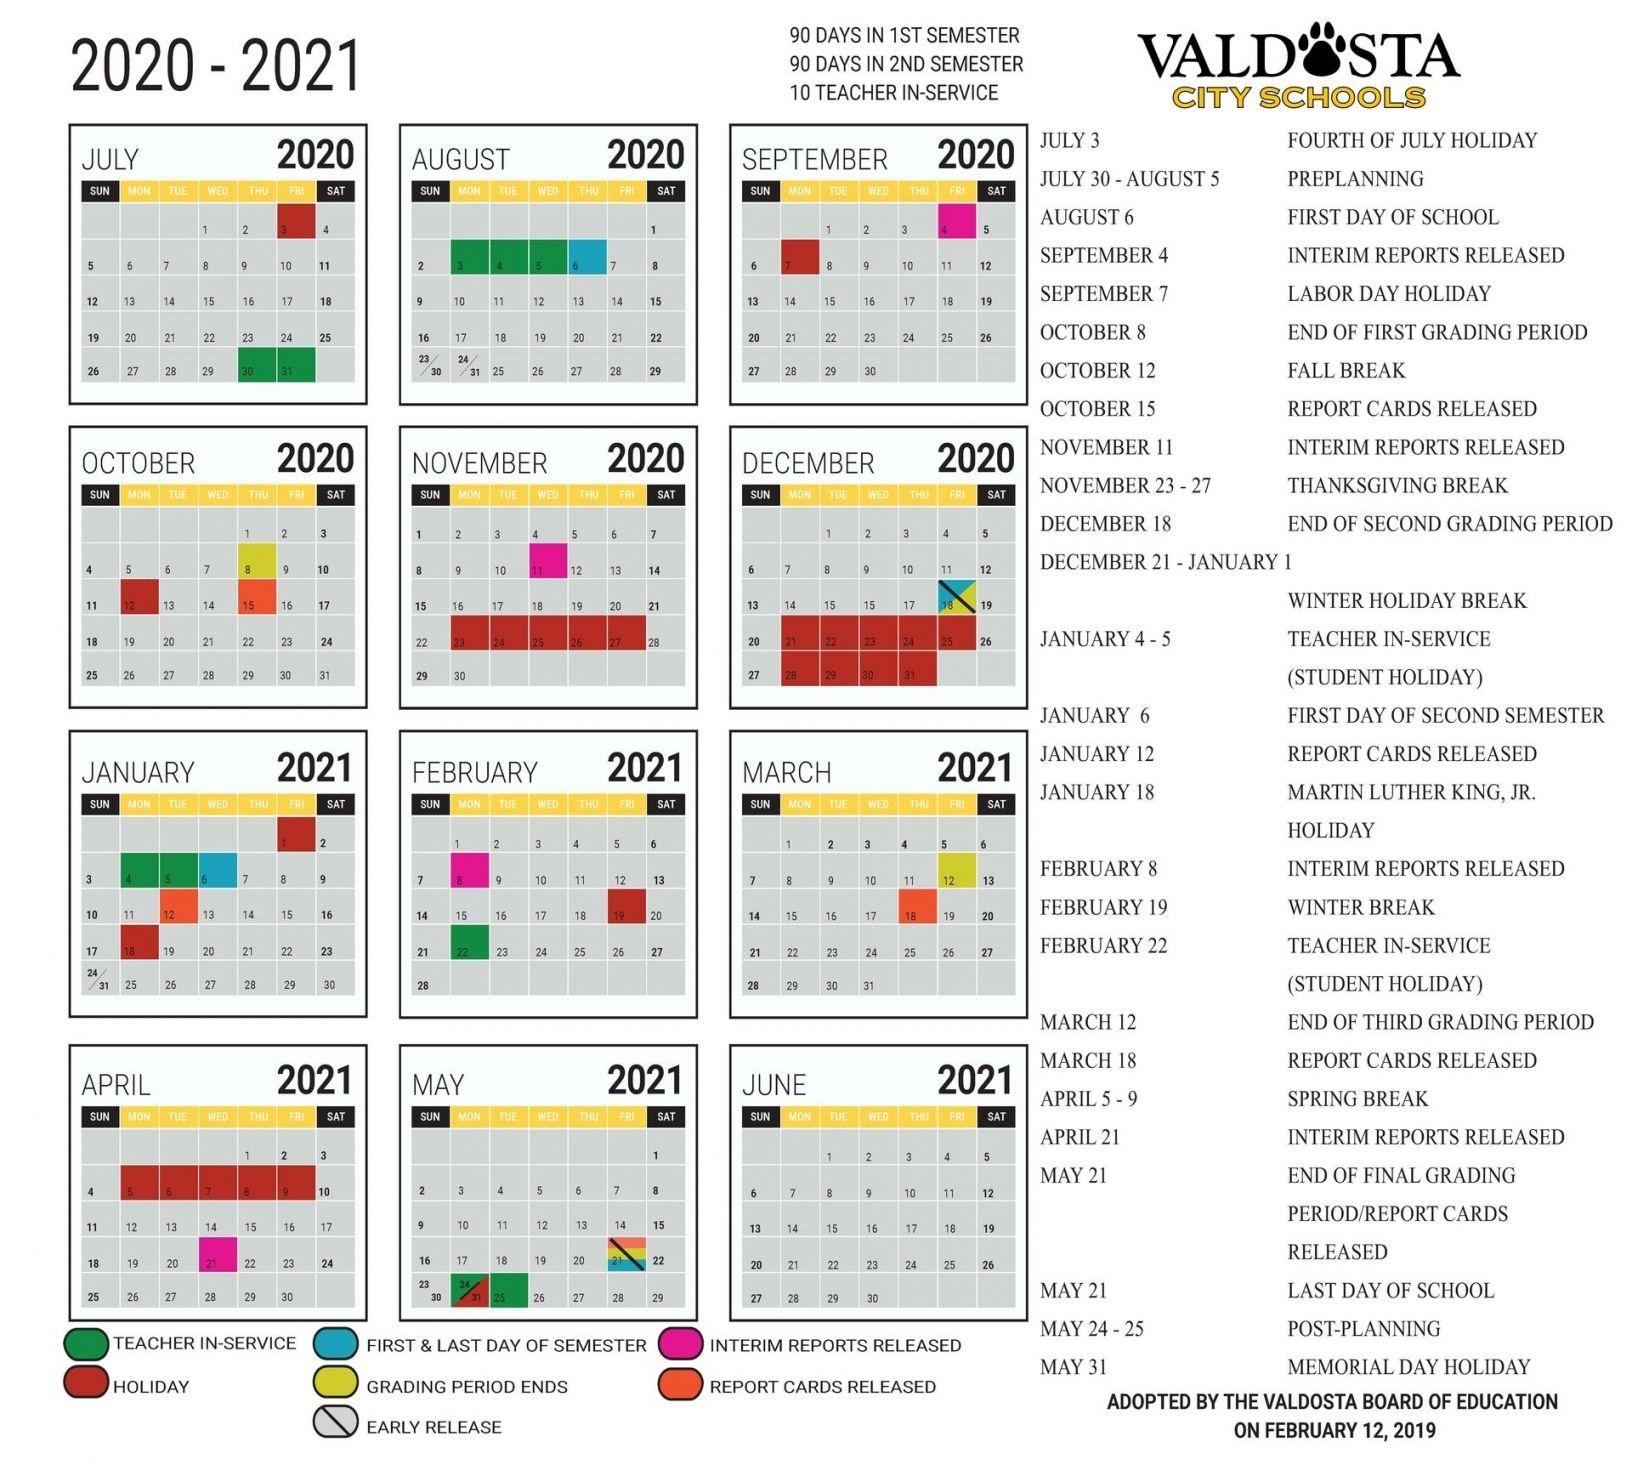 2020 2021 Academic Calendar Printable Di 2020